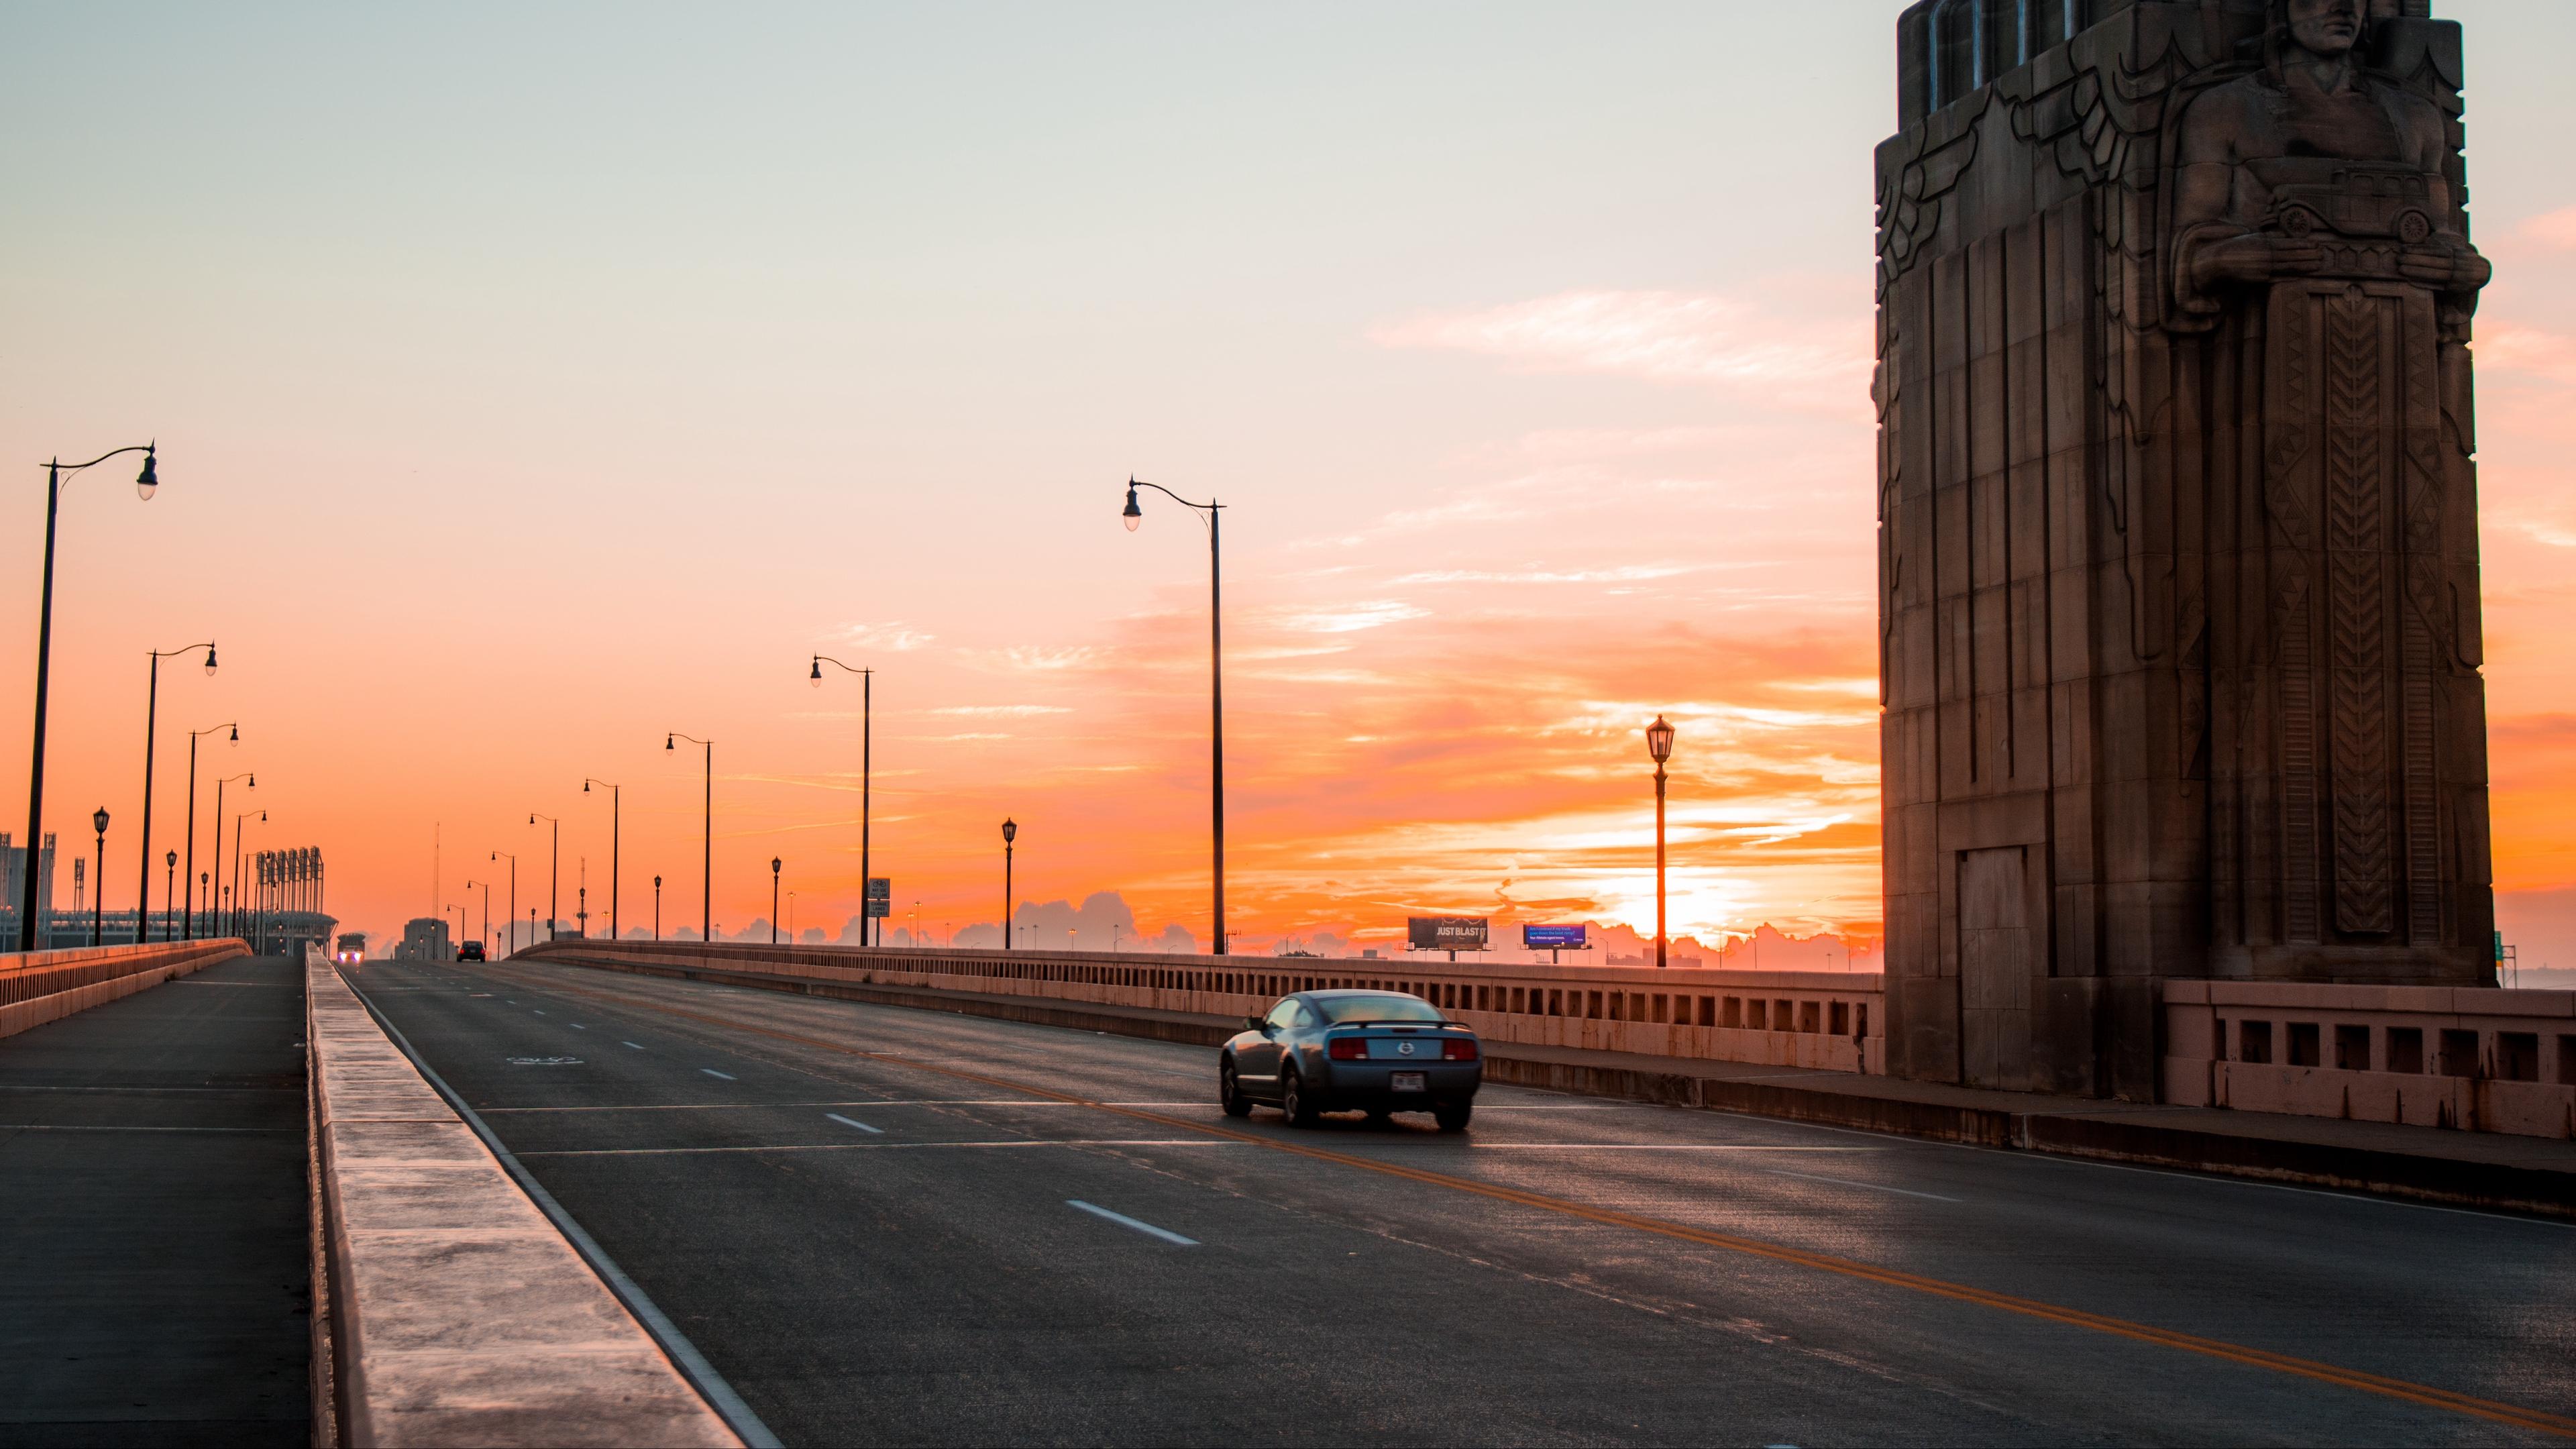 car traffic bridge sunset cleveland ohio united states 4k 1538067572 - car, traffic, bridge, sunset, cleveland, ohio, united states 4k - Traffic, Car, bridge